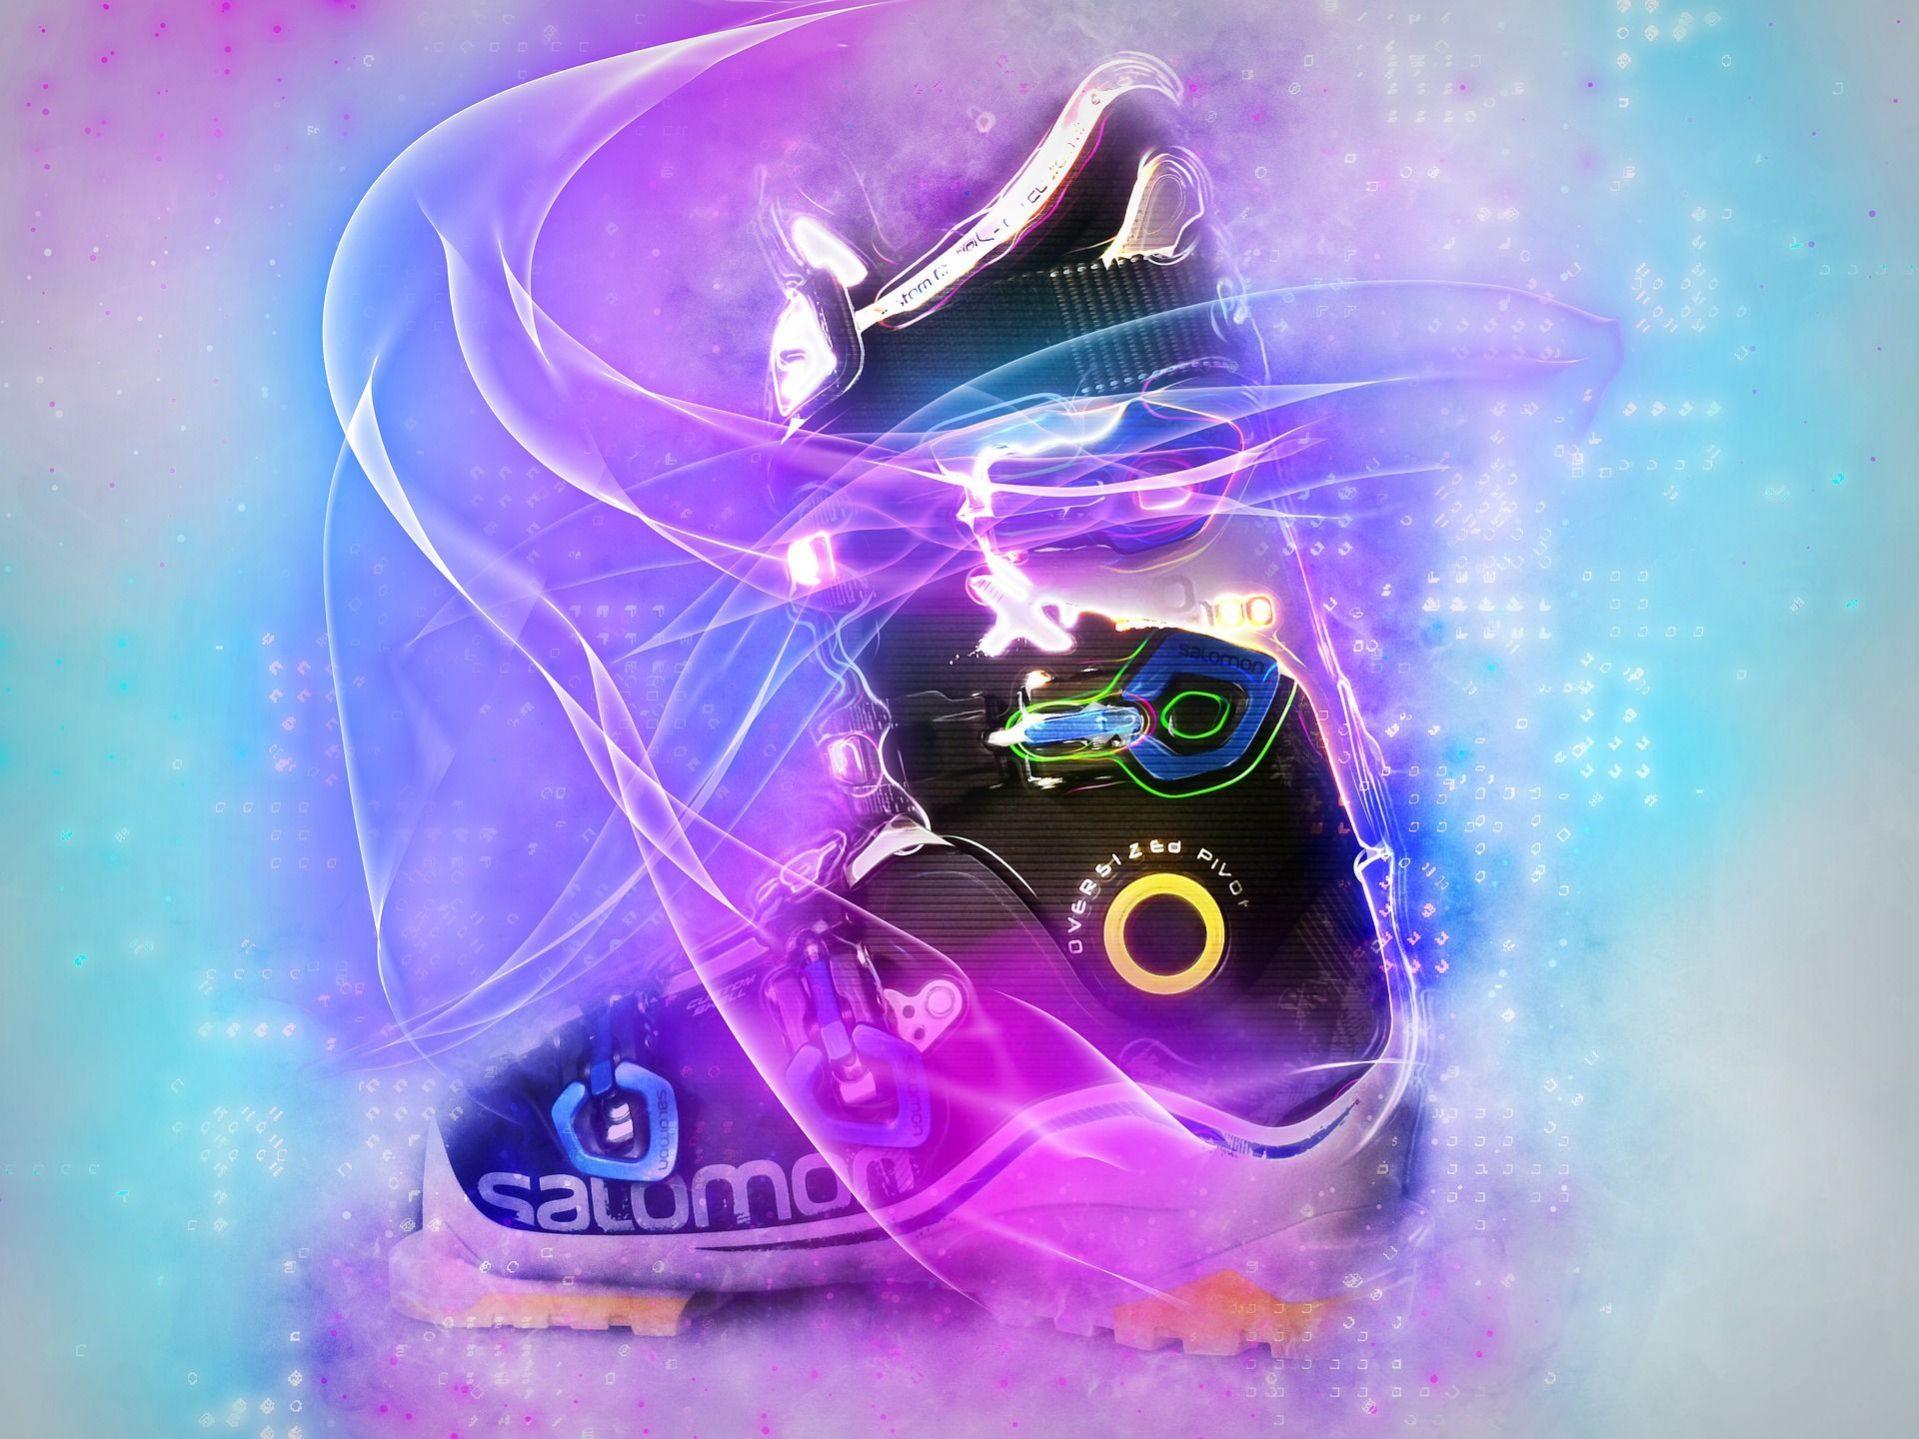 Botas de esquí Salomon con colores